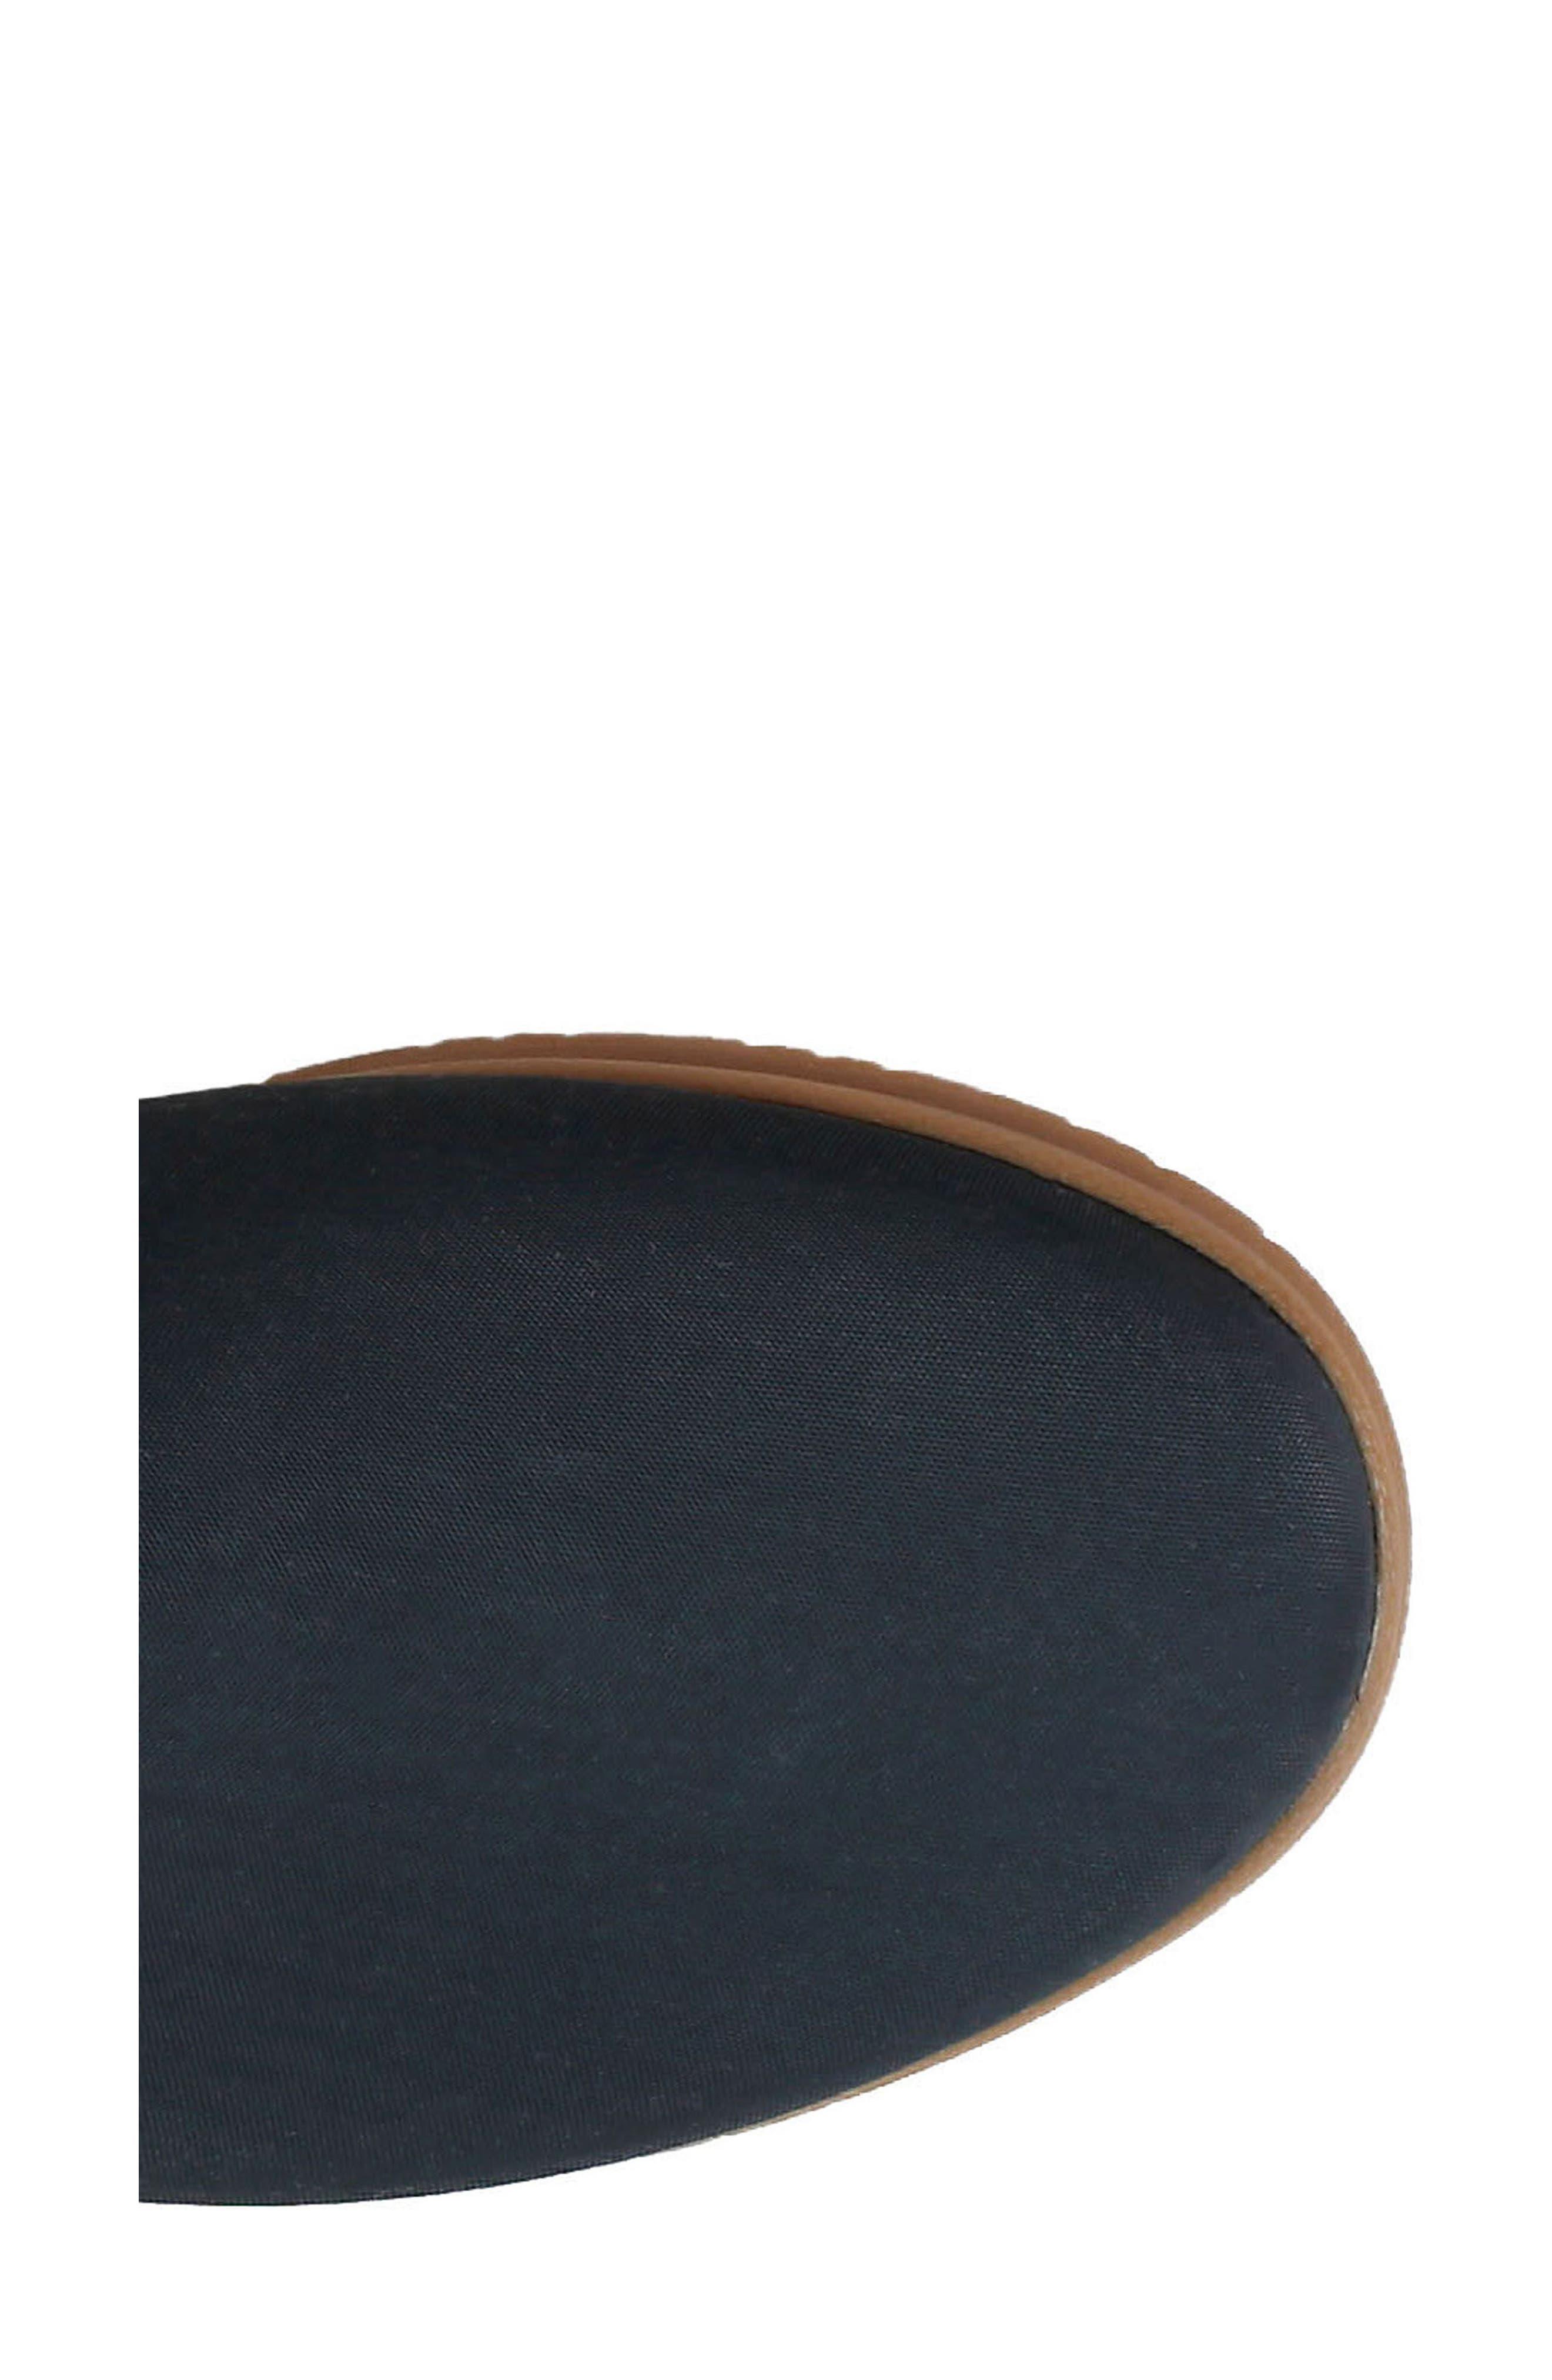 Sweetpea Waterproof Slip-On Sneaker,                             Alternate thumbnail 7, color,                             BLACK FABRIC